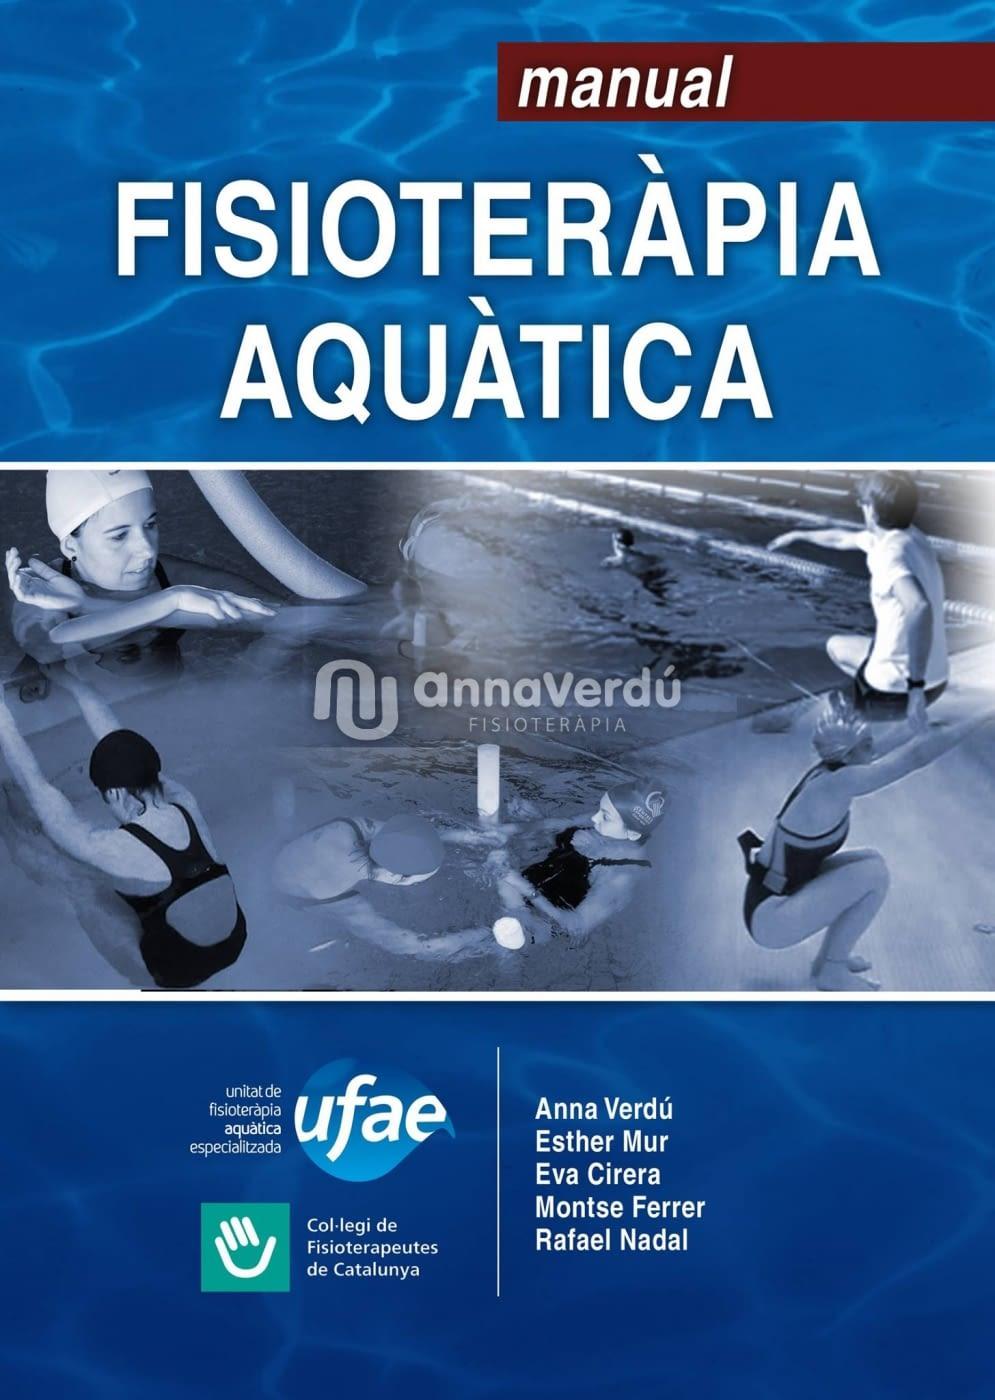 Anna Verdú ( membre de UFAE ), una de les autores del Manual de Fisioteràpia Aquàtica.